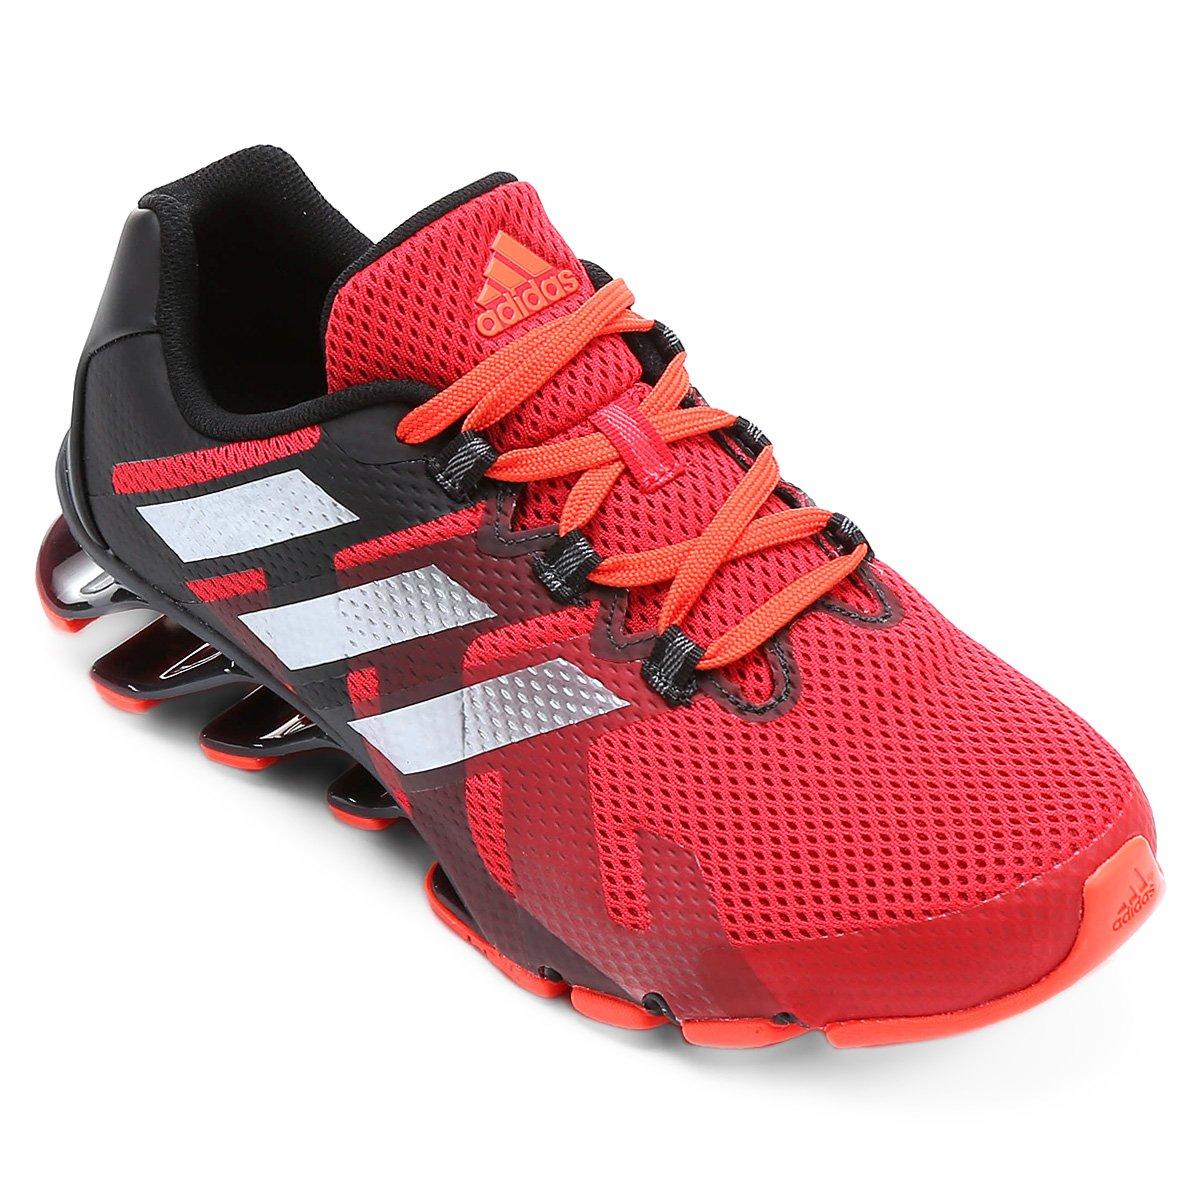 4eb96d8b97bd4 Tênis Adidas Springblade E-Force Masculino | Netshoes